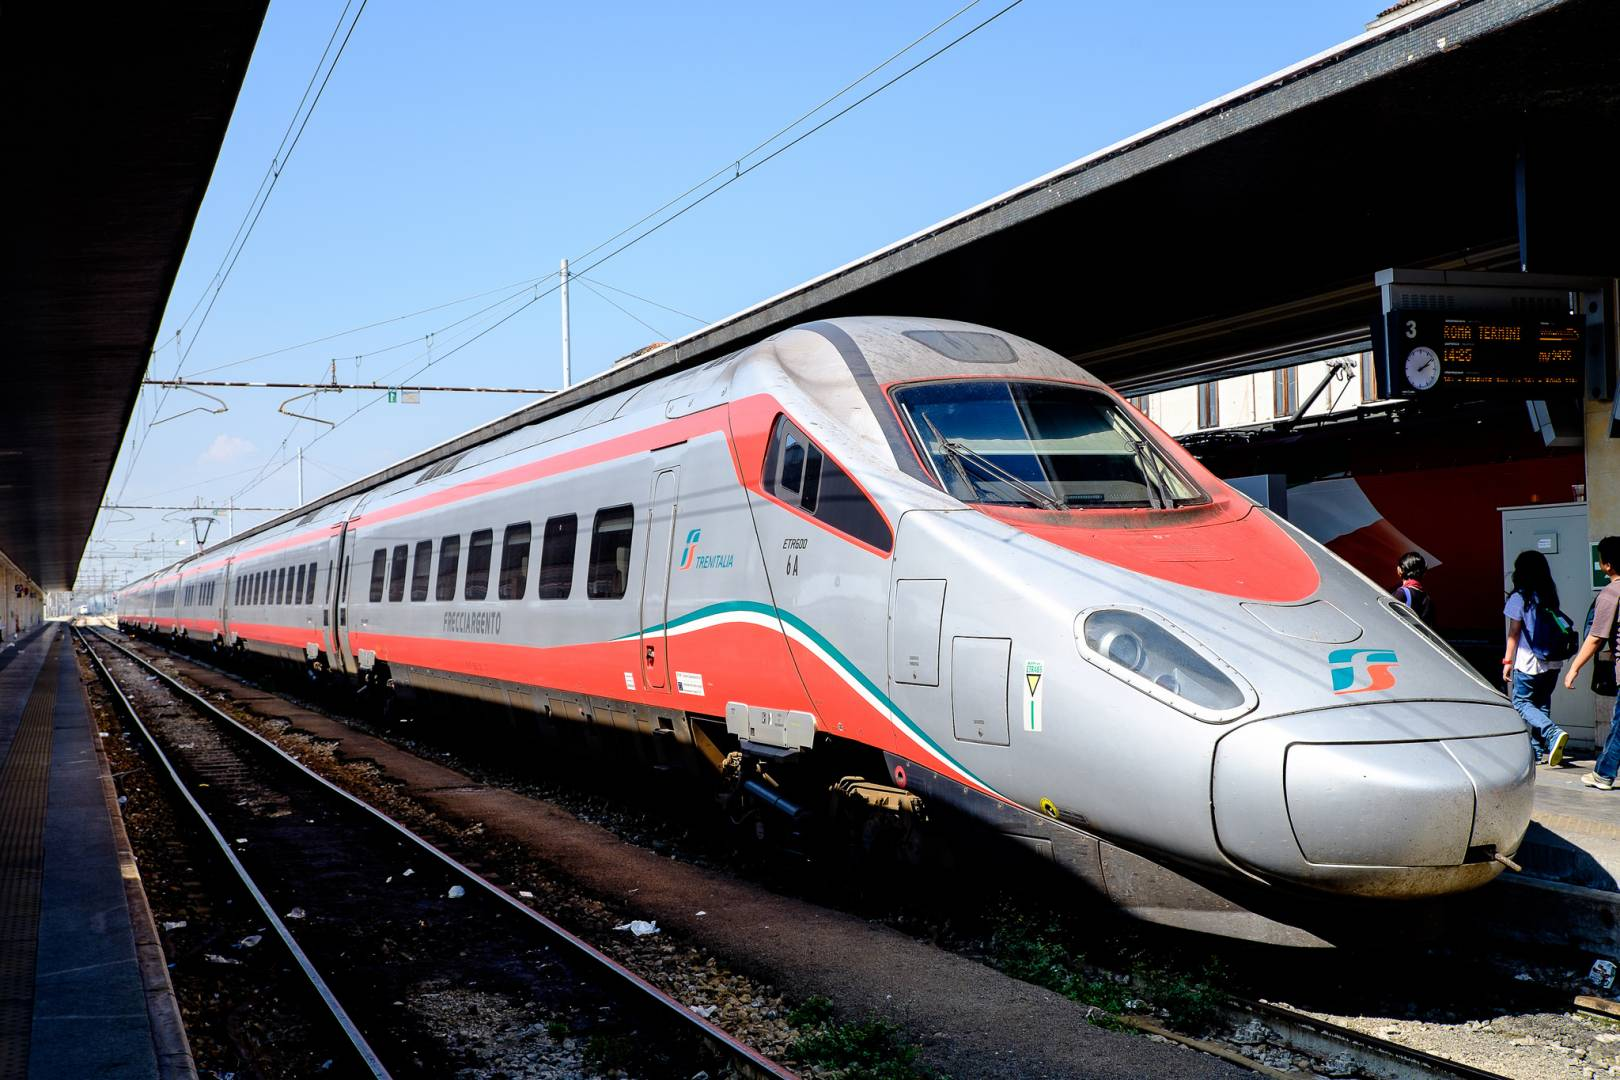 Trenes similares a los Pendolino ETR 600 de Trenitalia serán los que adquiera NTV para su servicio Evo. Foto: Christian Allinger.